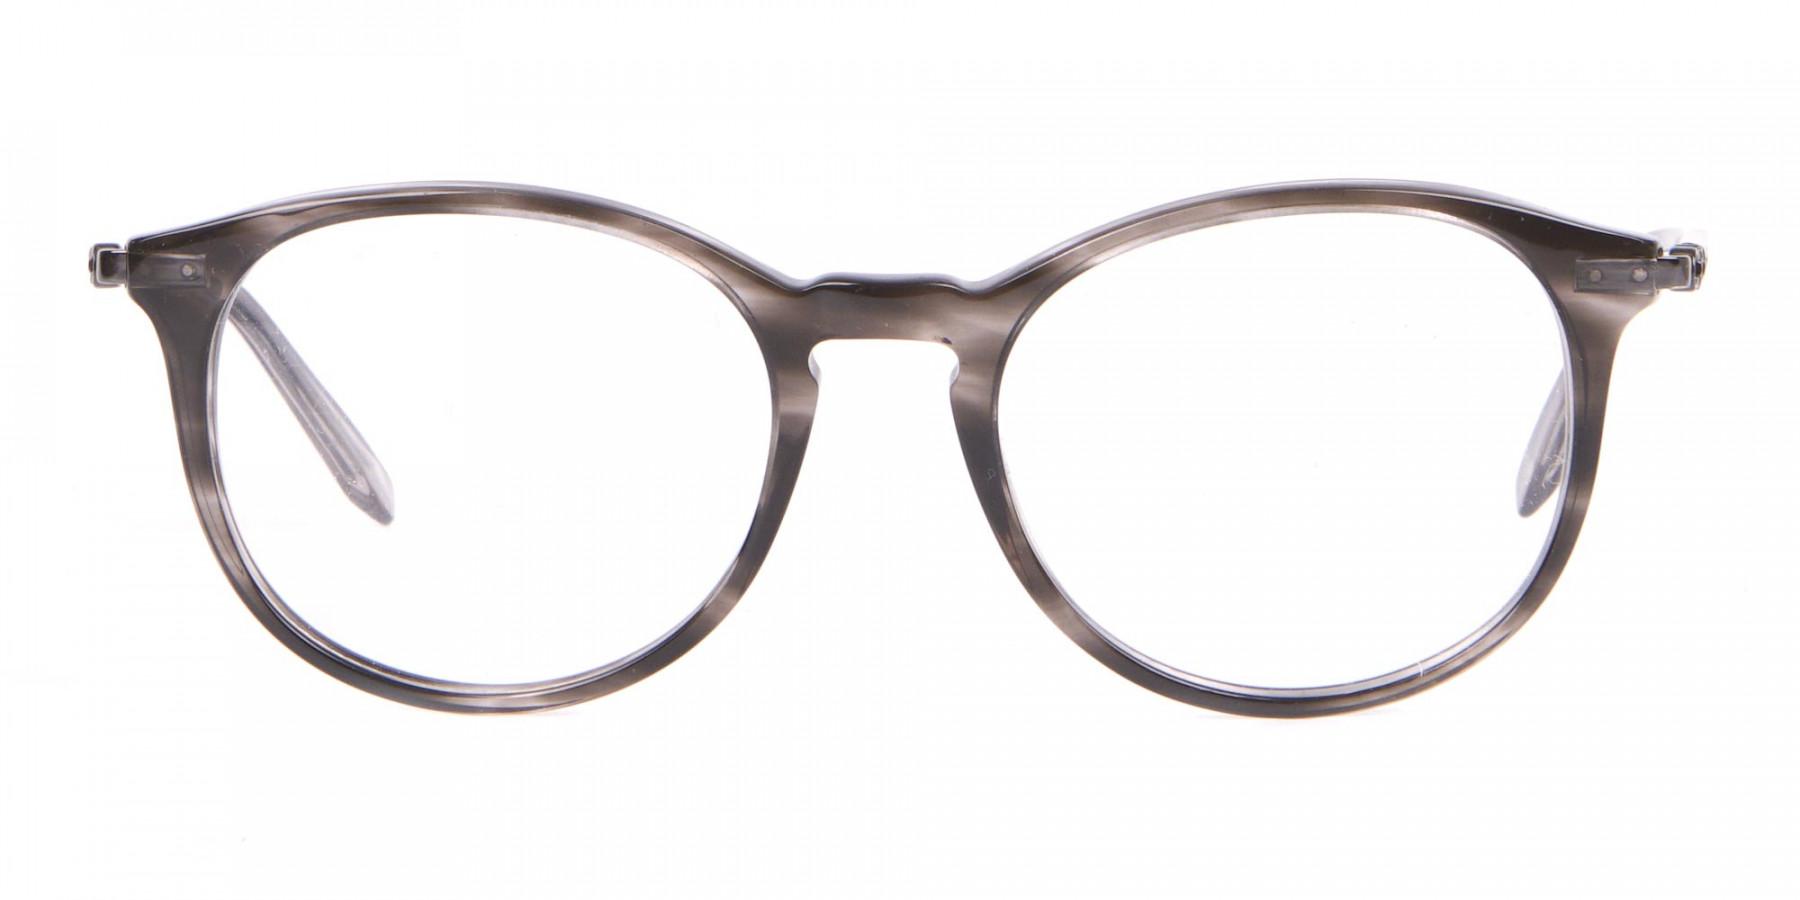 Salvatore Ferragamo SF2123 Retro Round Glasses Grey Horn-1